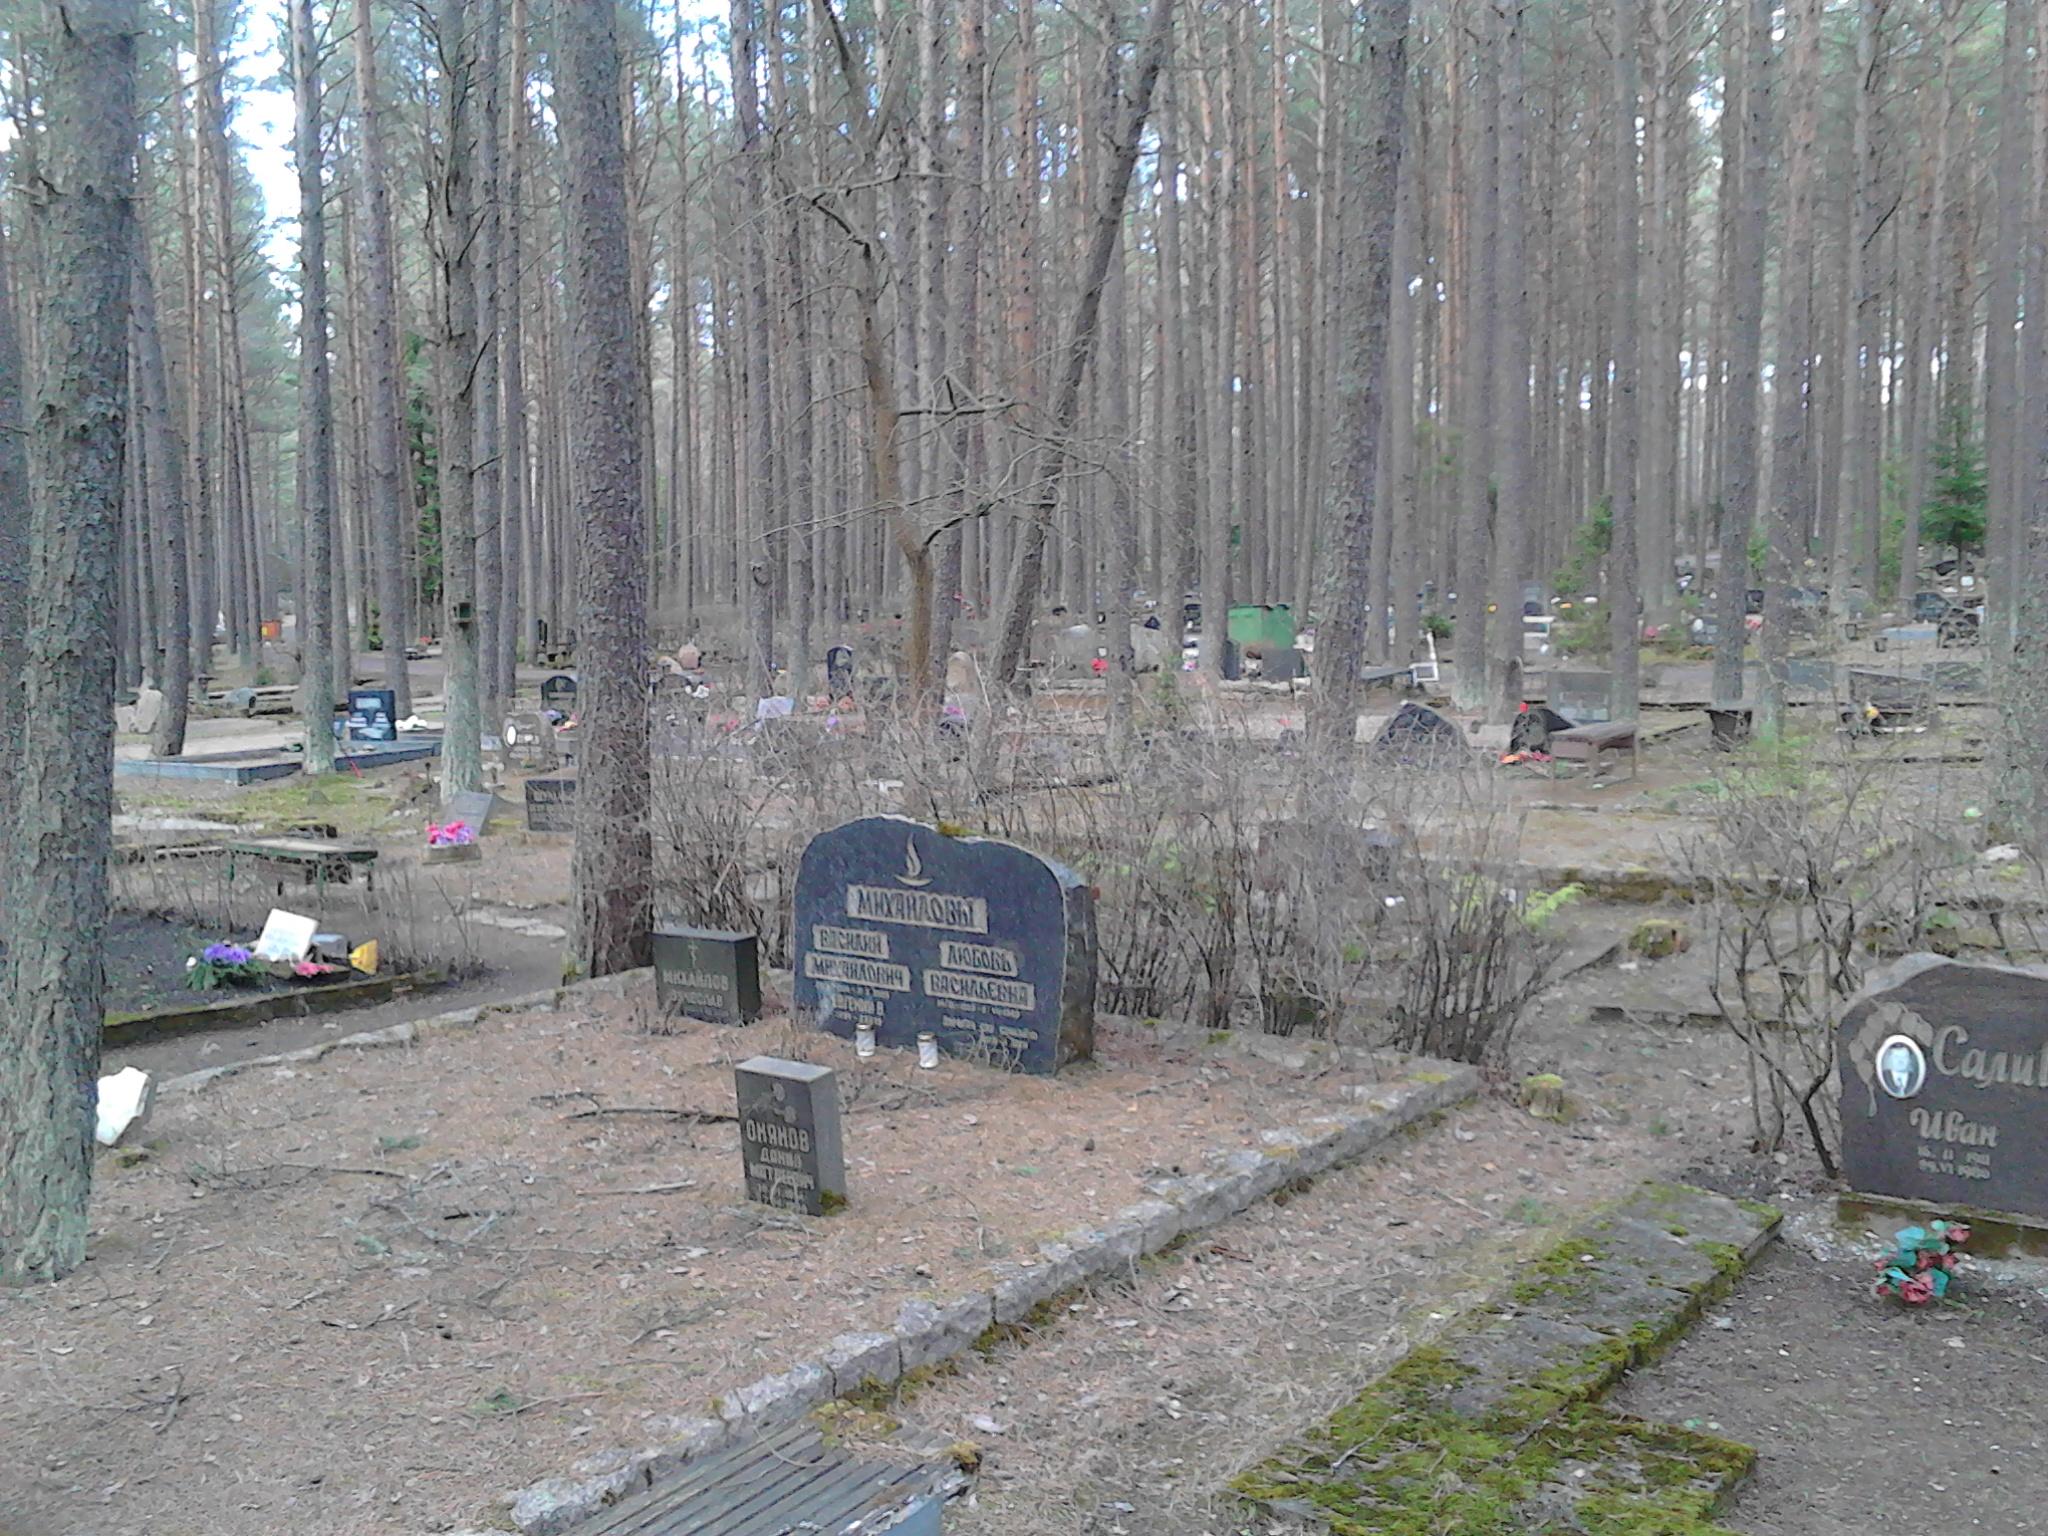 Ma anche i morti hanno la loro casa. Nel bosco, senza recinzioni, nella pace. Molto commovente.